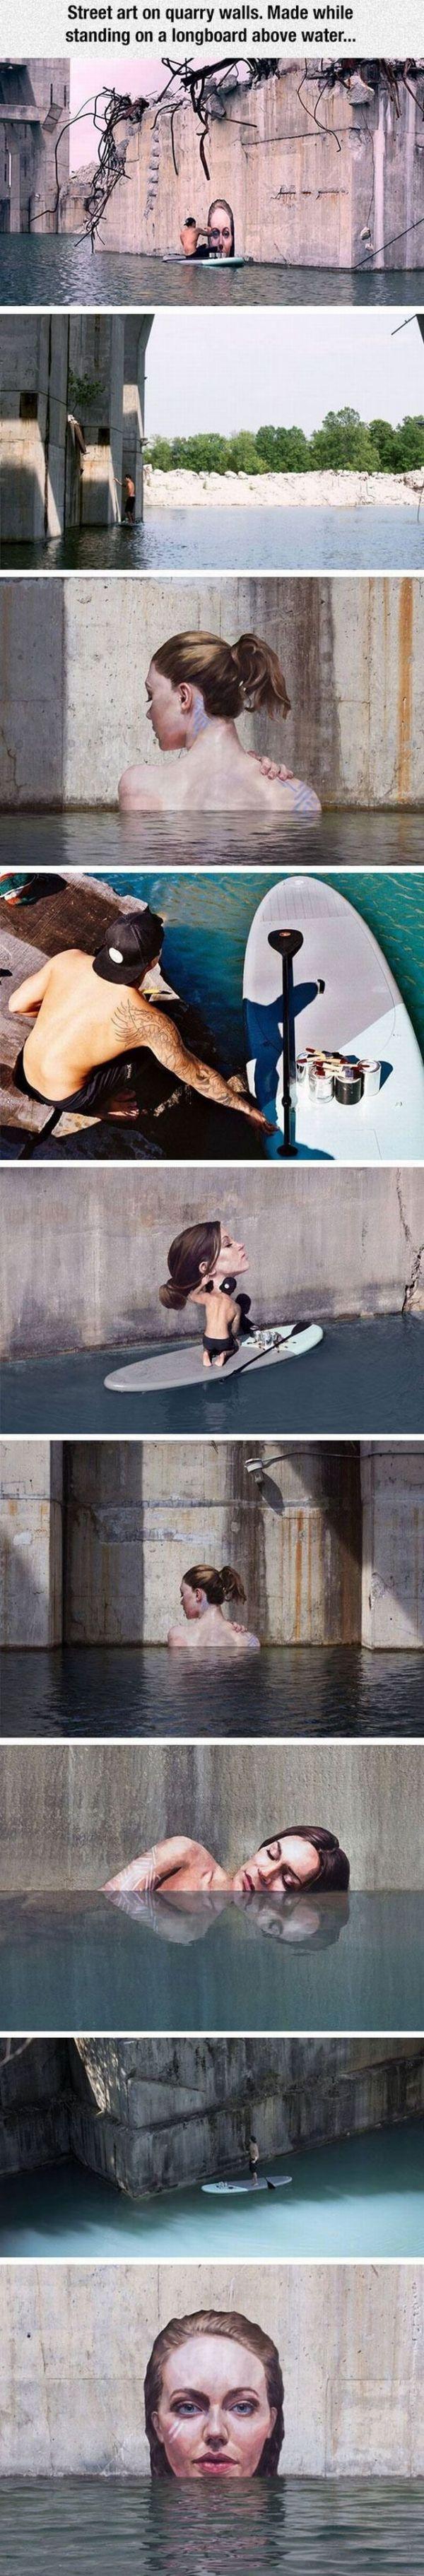 Die besten 100 Bilder in der Kategorie graffiti: Wasser, Grafitti